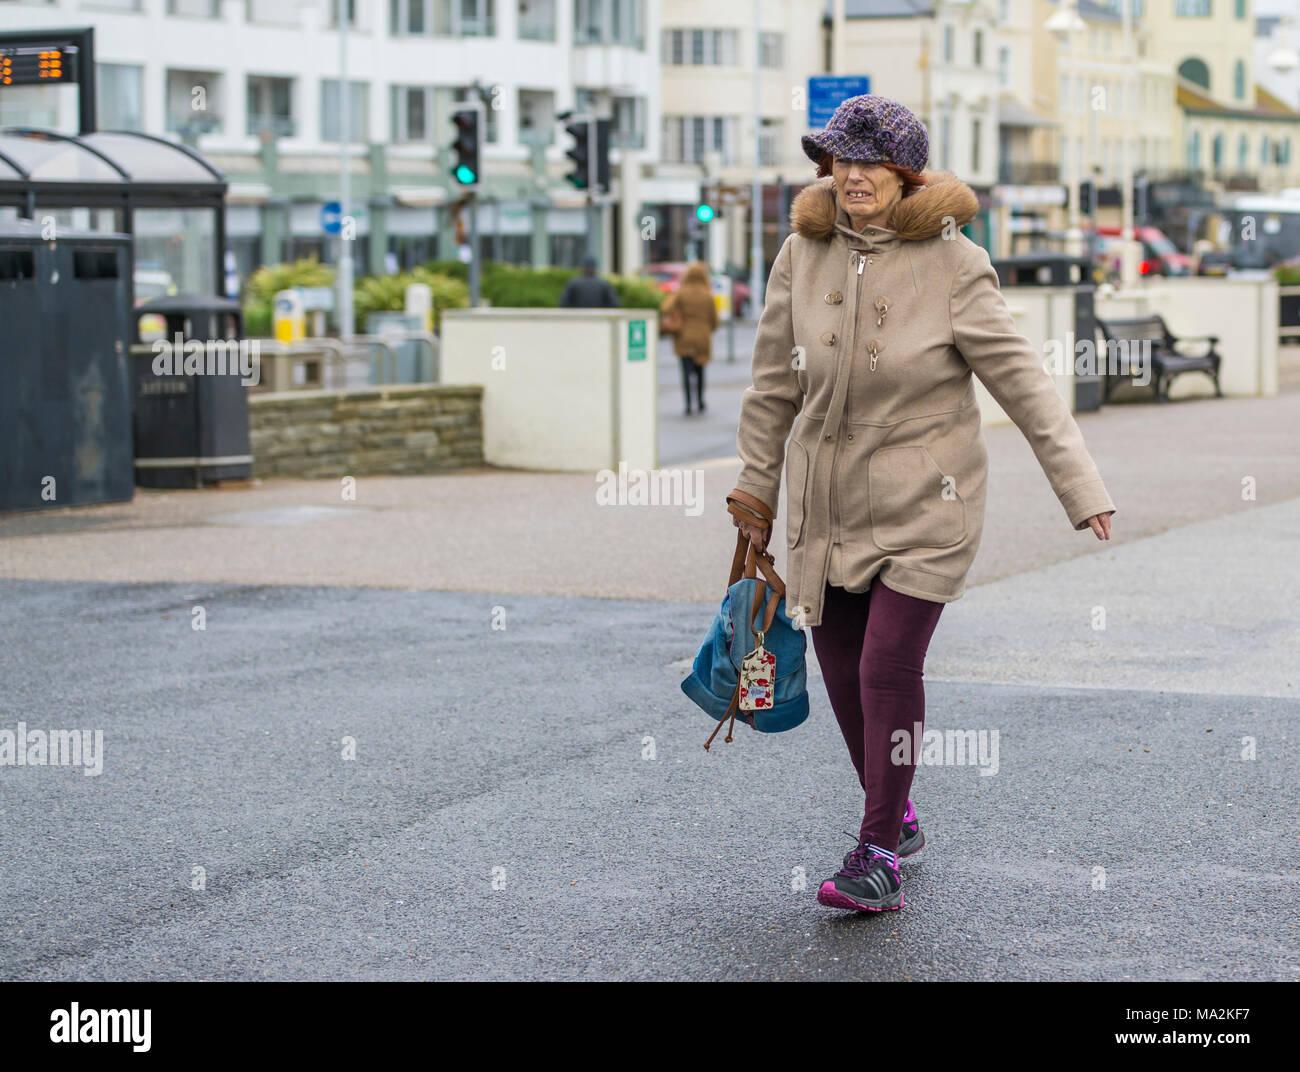 Aktive ältere Dame in einen dicken Mantel und Hut mit Tasche das schnelle Gehen bei kaltem Wetter gekleidet. Stockbild